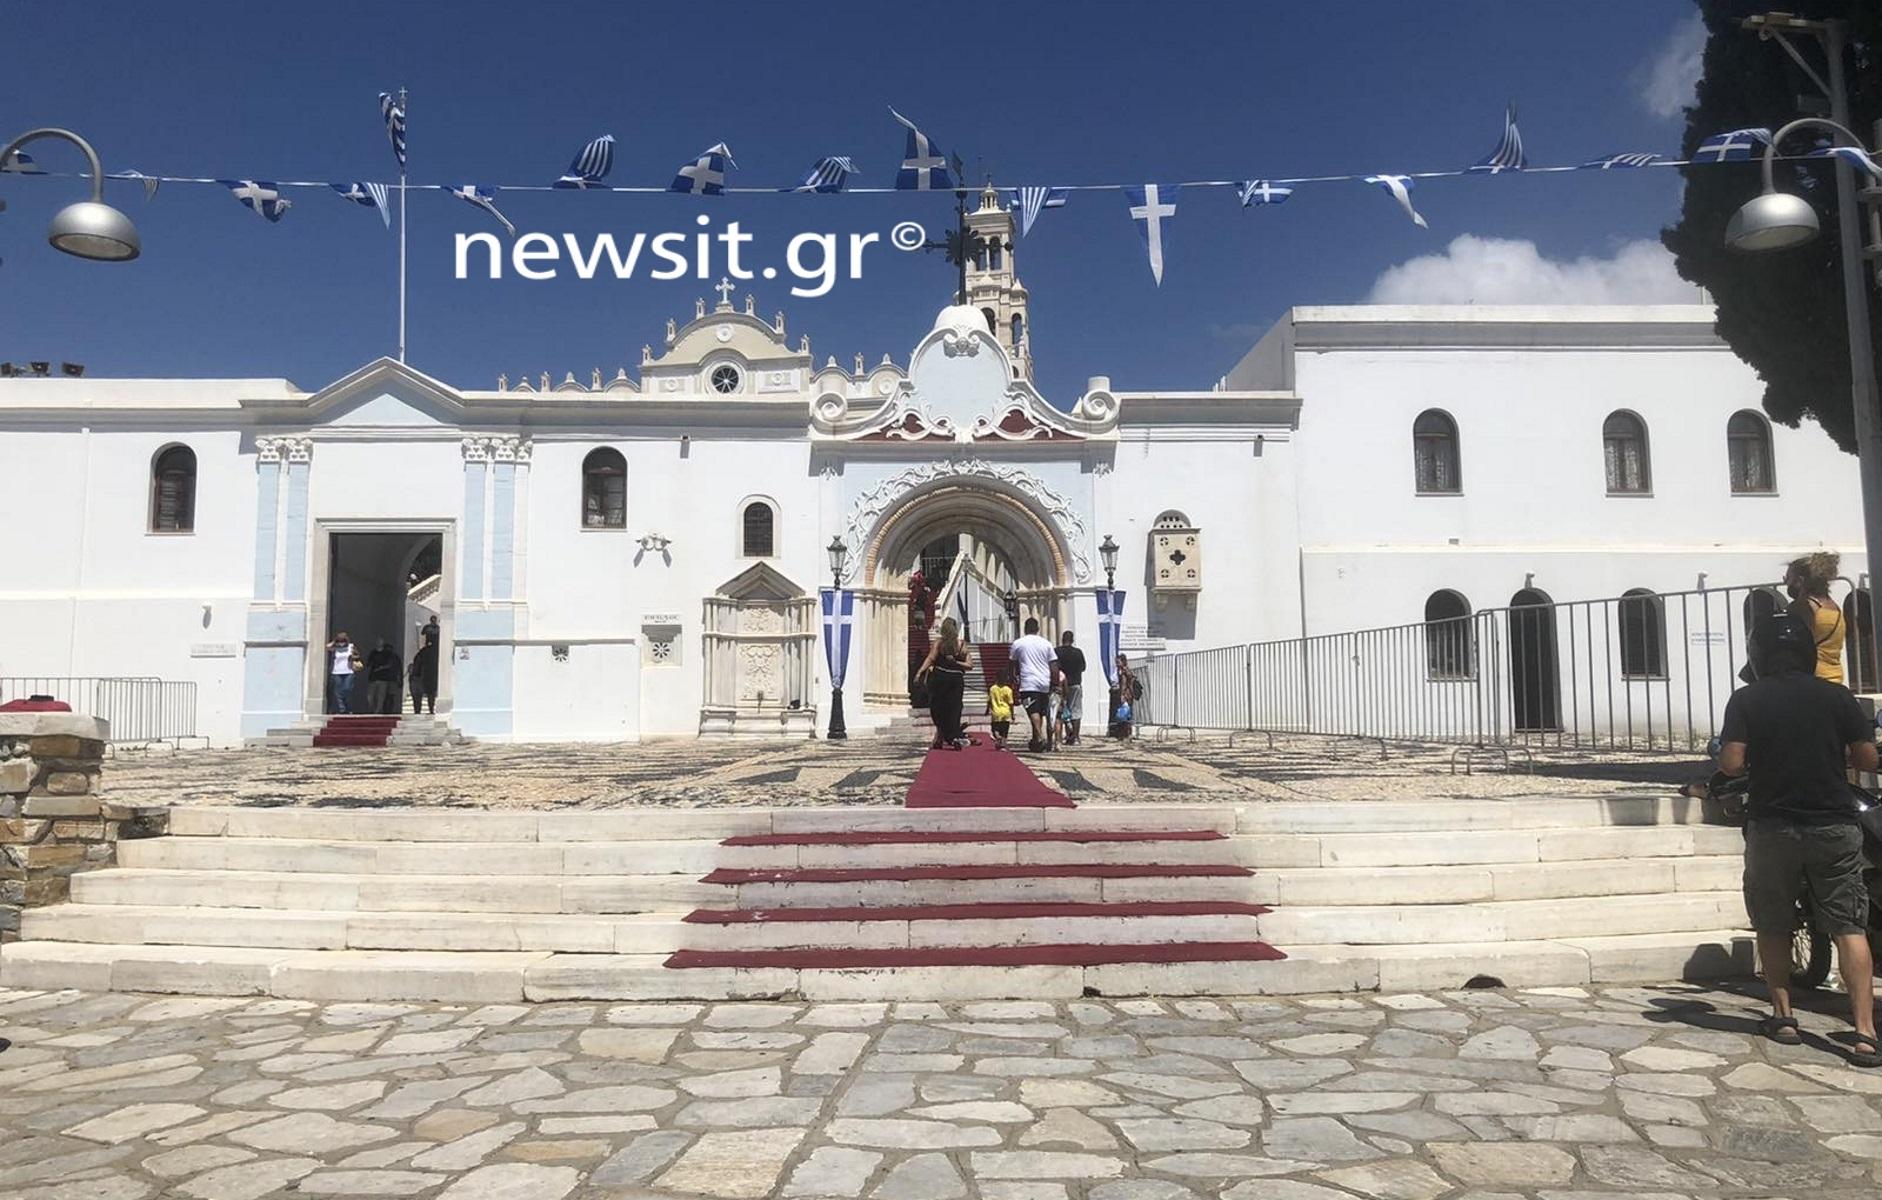 Δεκαπενταύγουστος: Συναγερμός στις εκκλησίες λόγω κορονοϊού – Πώς θα γιορτάσουν Τήνος και Πάρος